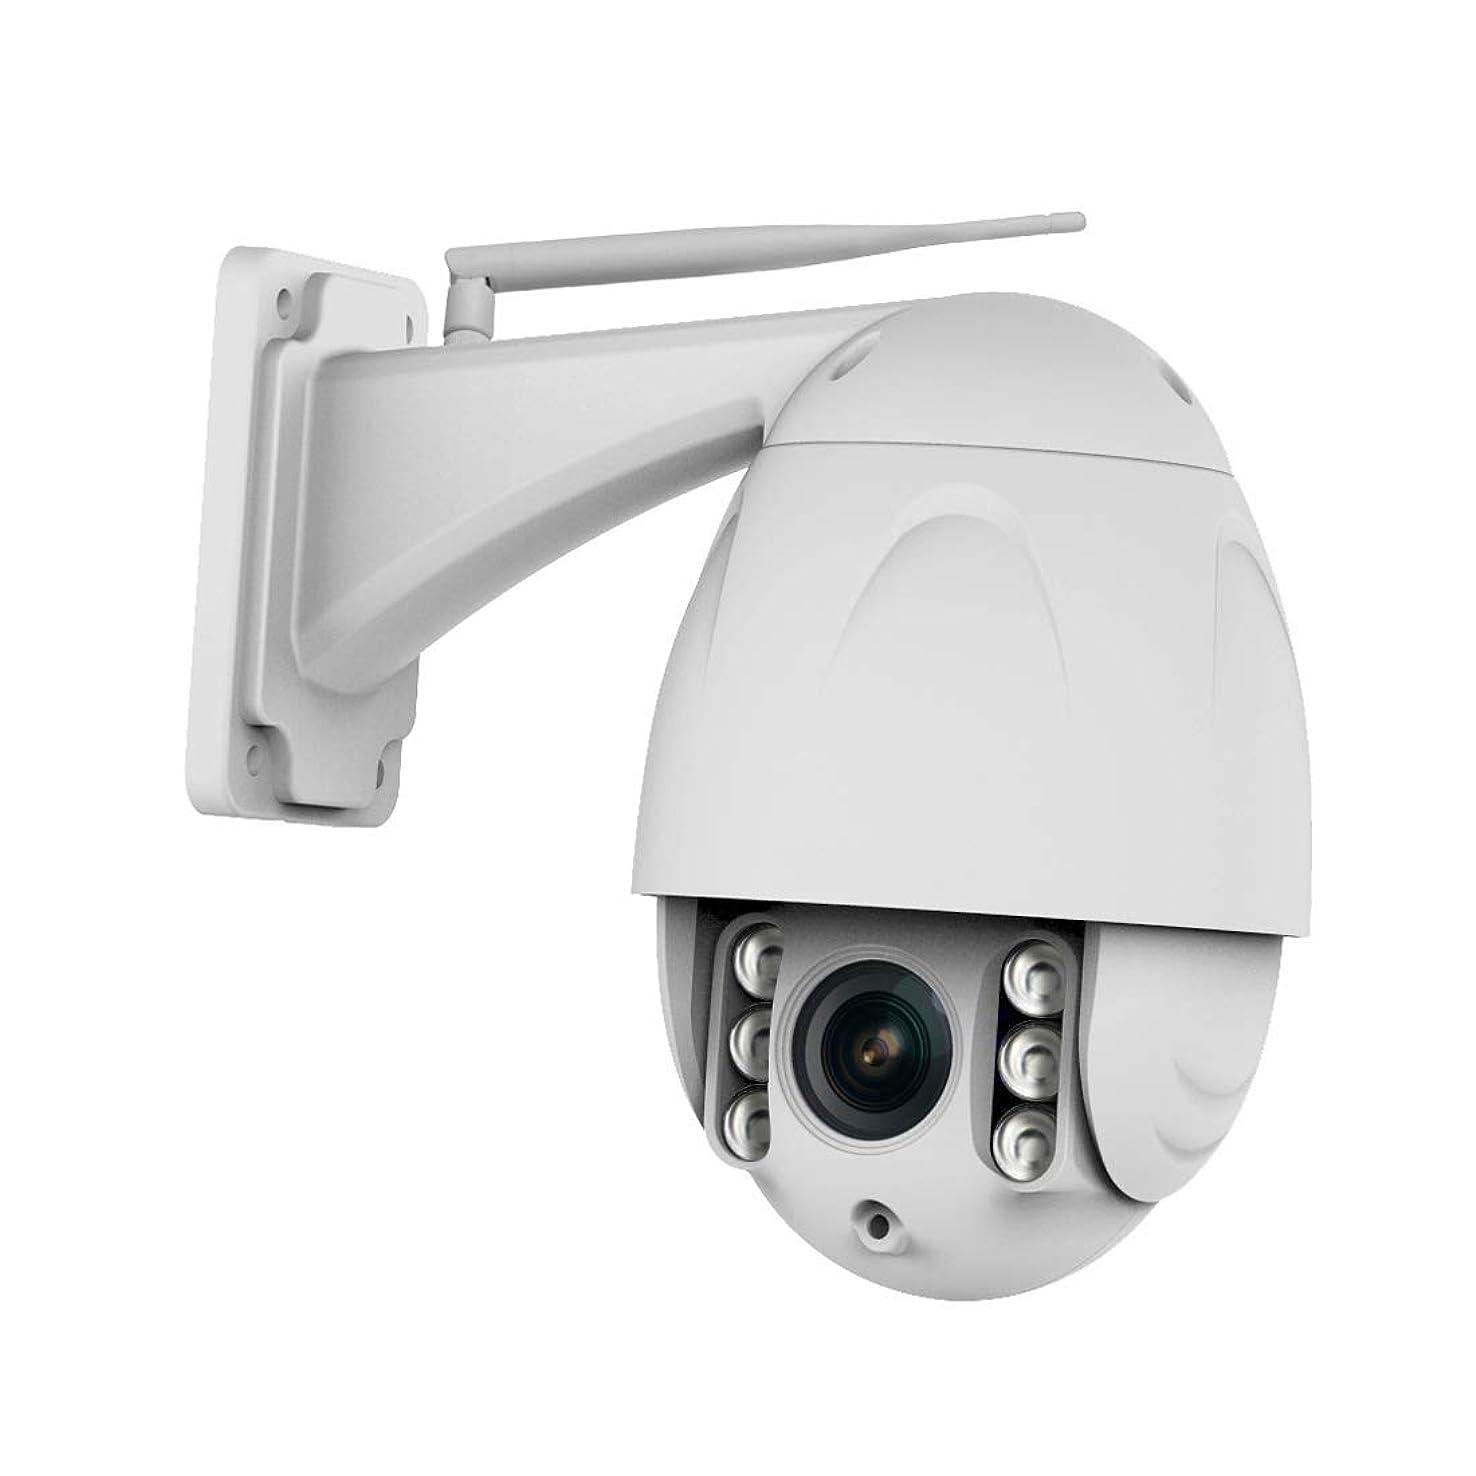 エンディング有彩色の封筒影寳服装店 防水ズームレンズ1080Pの監視ドームの無線監視カメラ